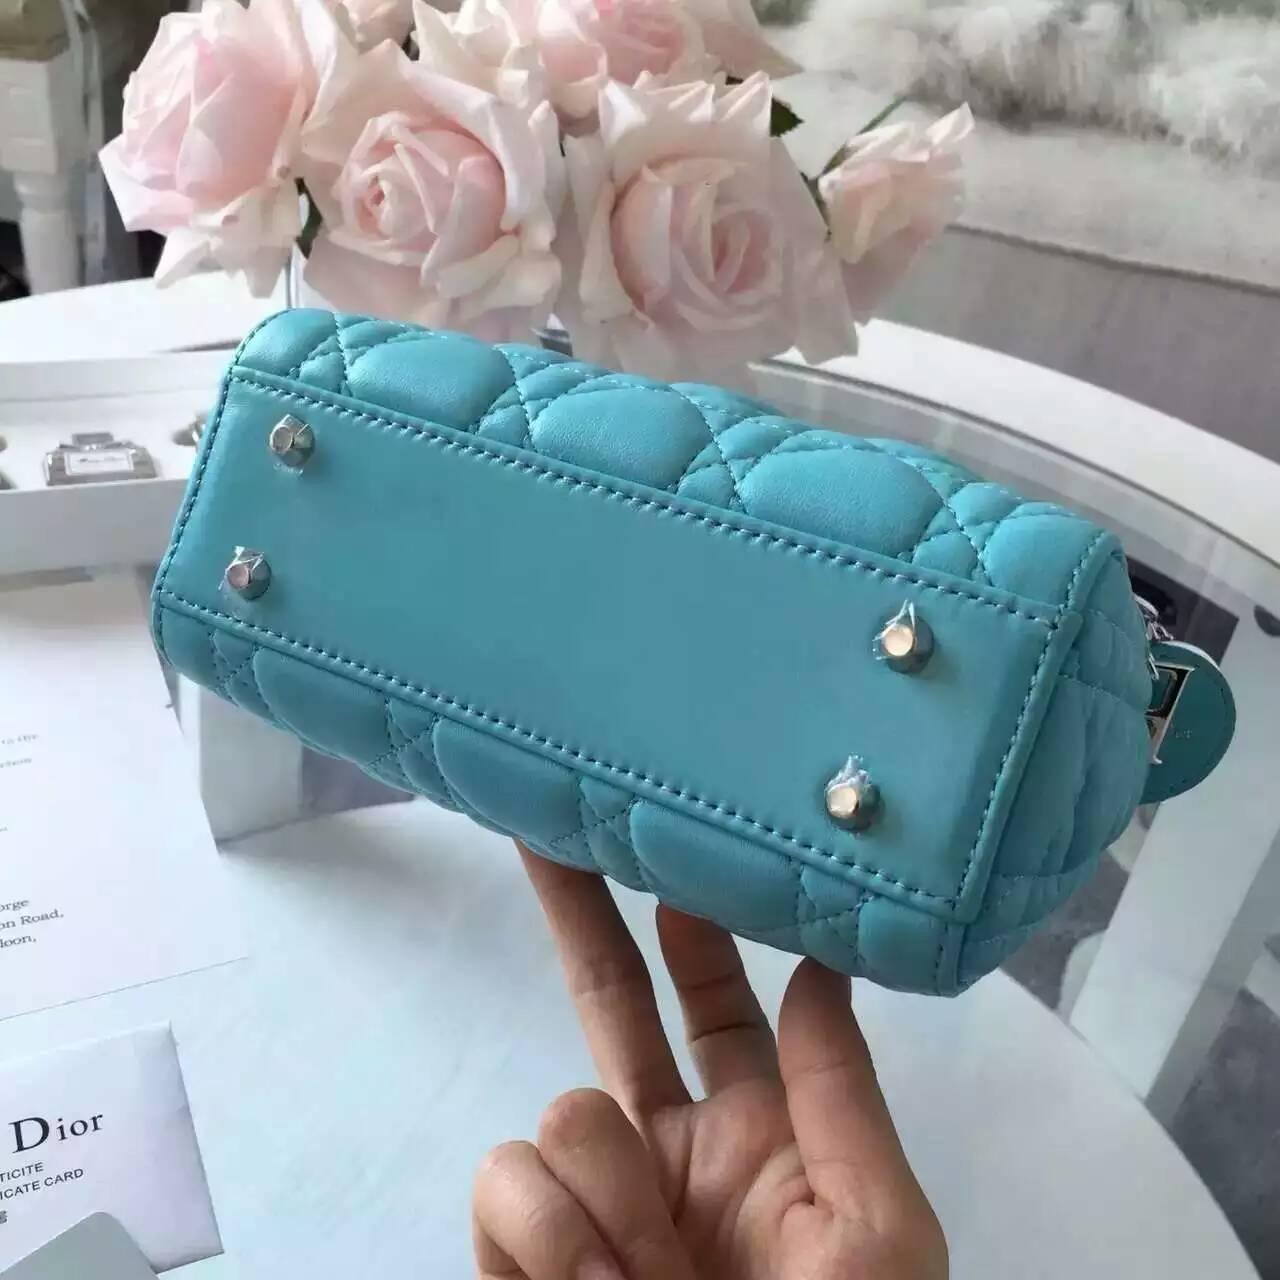 迪奥女包价格 Lady Dior mini三格戴妃包 水蓝色原版顶级羊皮